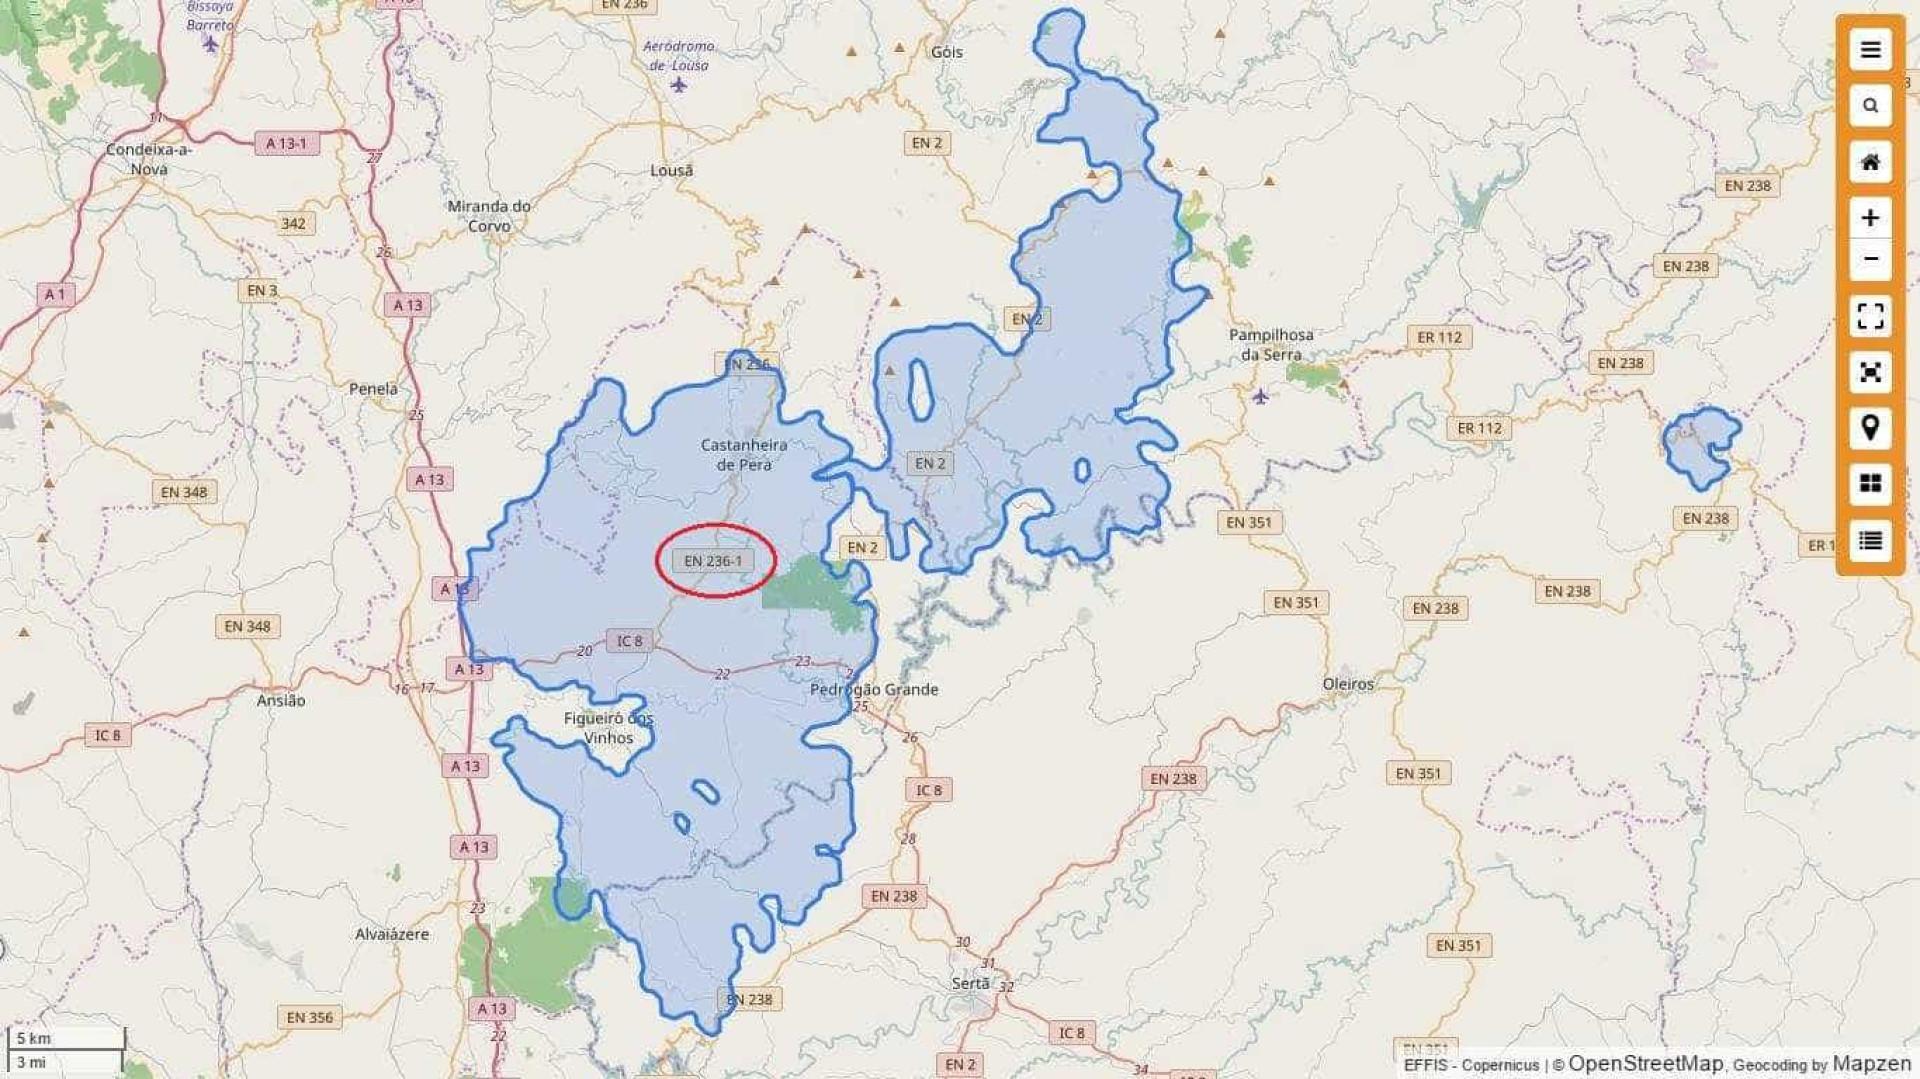 Incêndio em Pedrógão Grande e Góis queimou quase 45 mil hectares